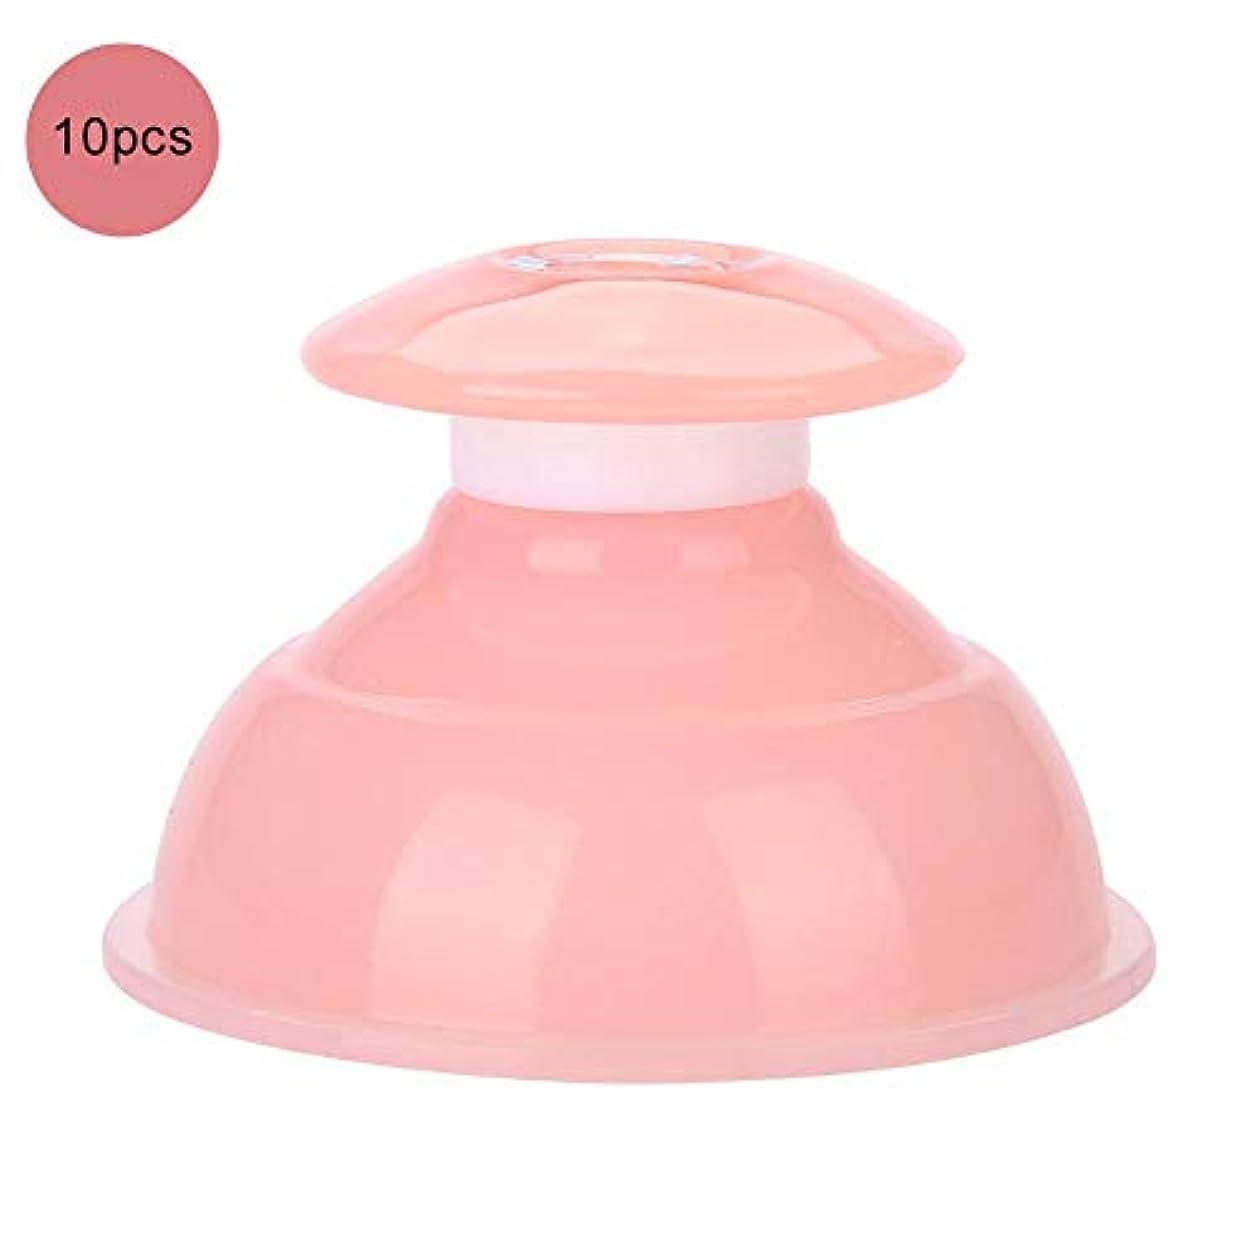 10個カッピングカップ、ボディマッサージヘルパー真空サクションマッサージ ストレスリリーフ 痛み緩和 筋肉弛緩 シリコンカッピング